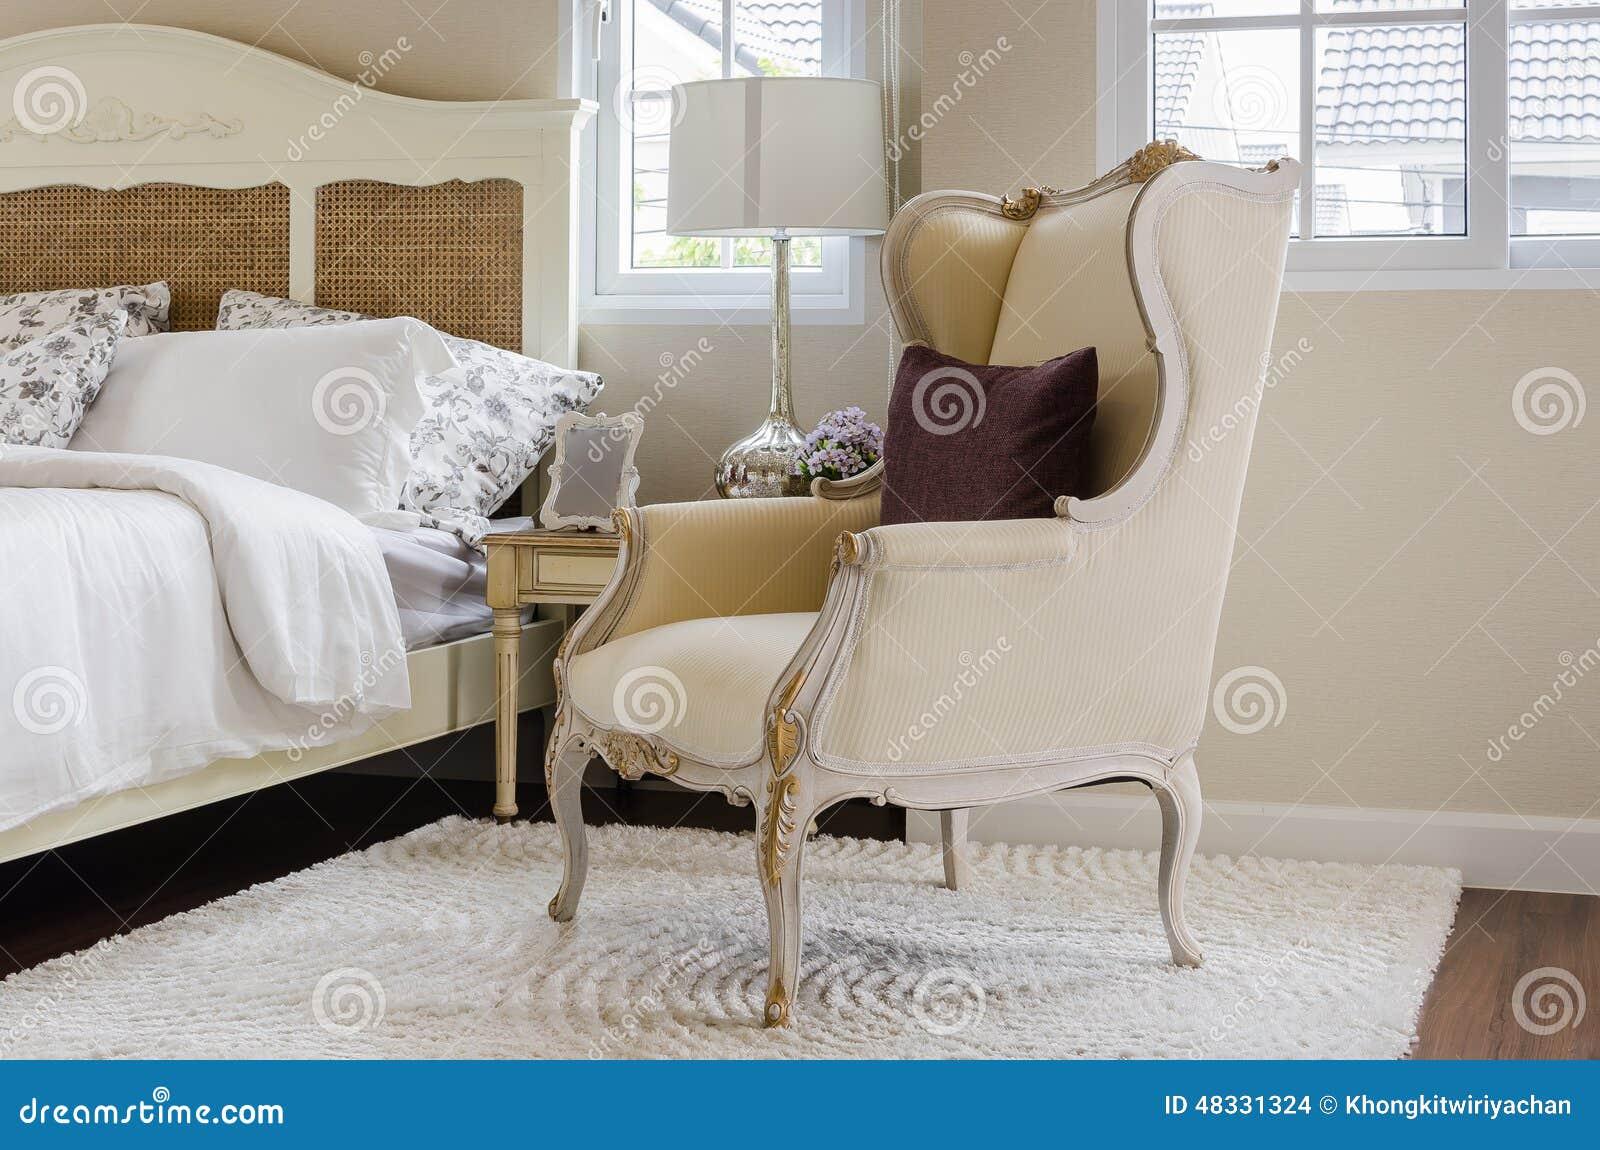 Letti Di Lusso Prezzi : Sedia classica su tappeto con il cuscino in camera da letto di lusso